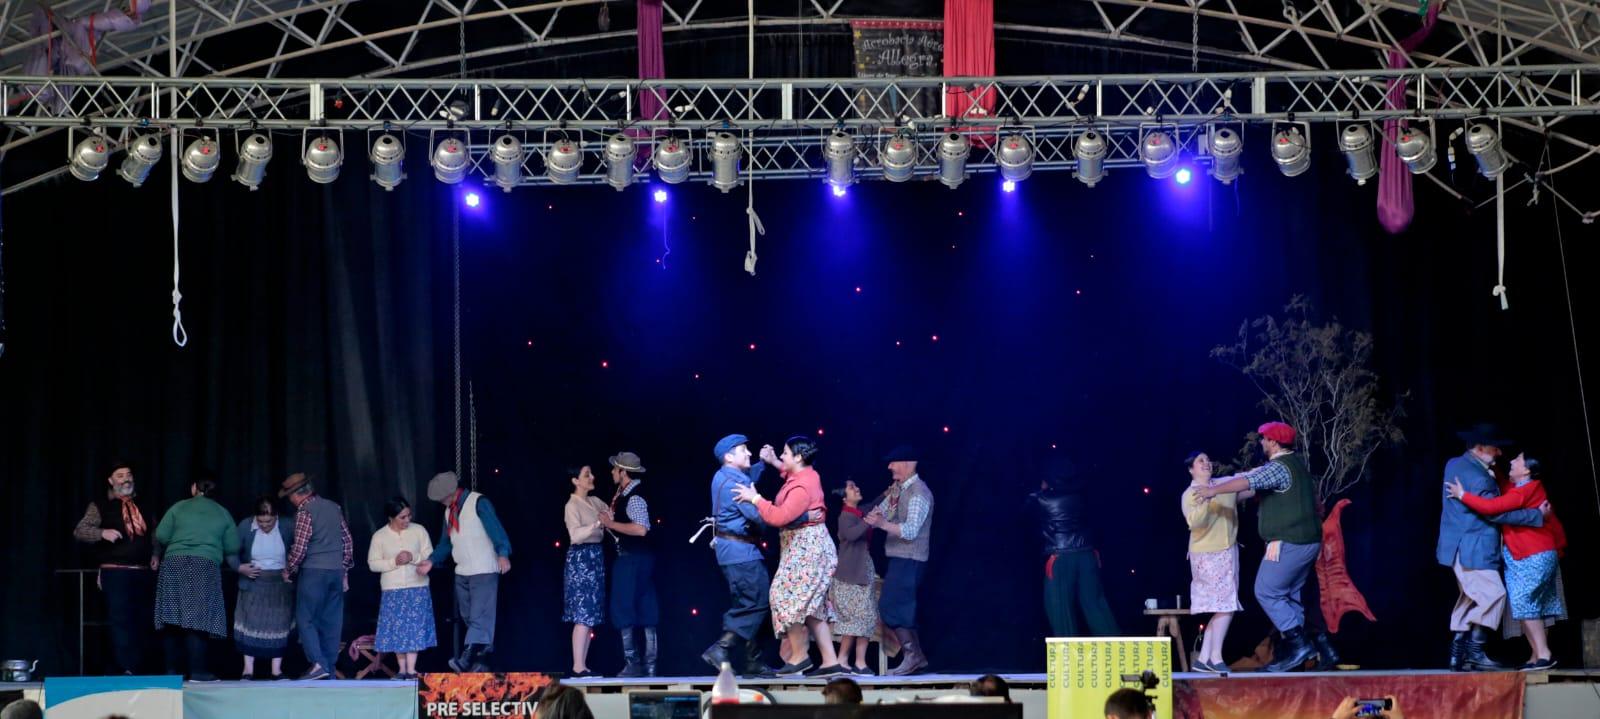 Raíces Sureñas de El Bolsón arrasó con los puntajes en el certamen Nacional de Folclore